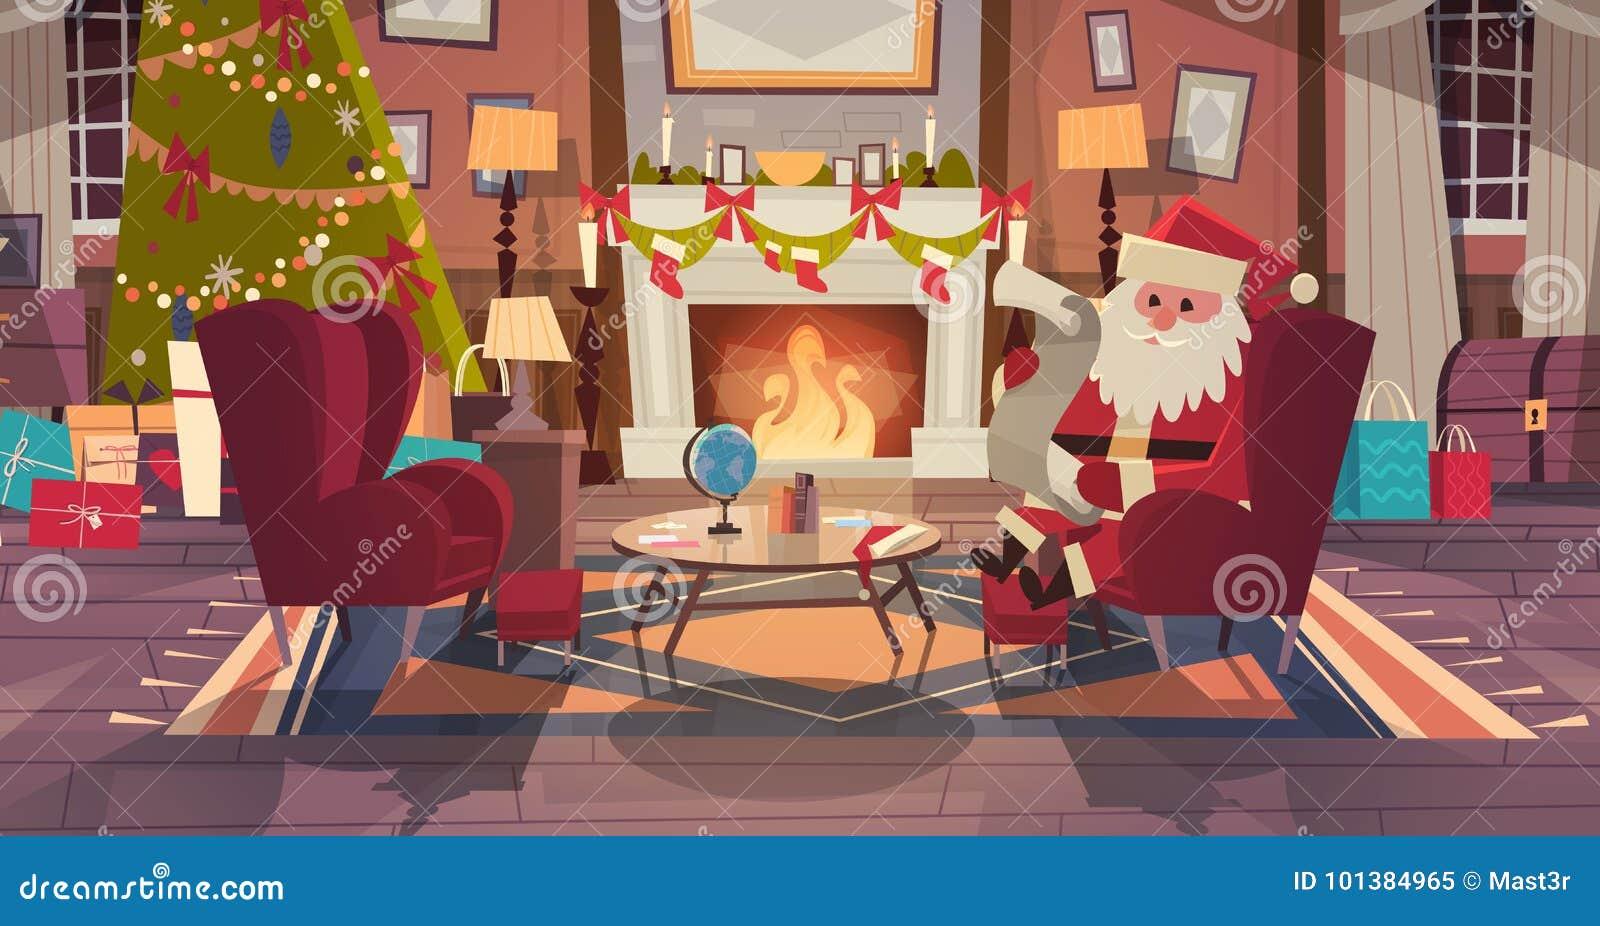 Santa Claus In Living Room Decorated für Weihnachts-und neues Jahr-Sit In Armchair Near Pine-Baum und Kamin, Haus